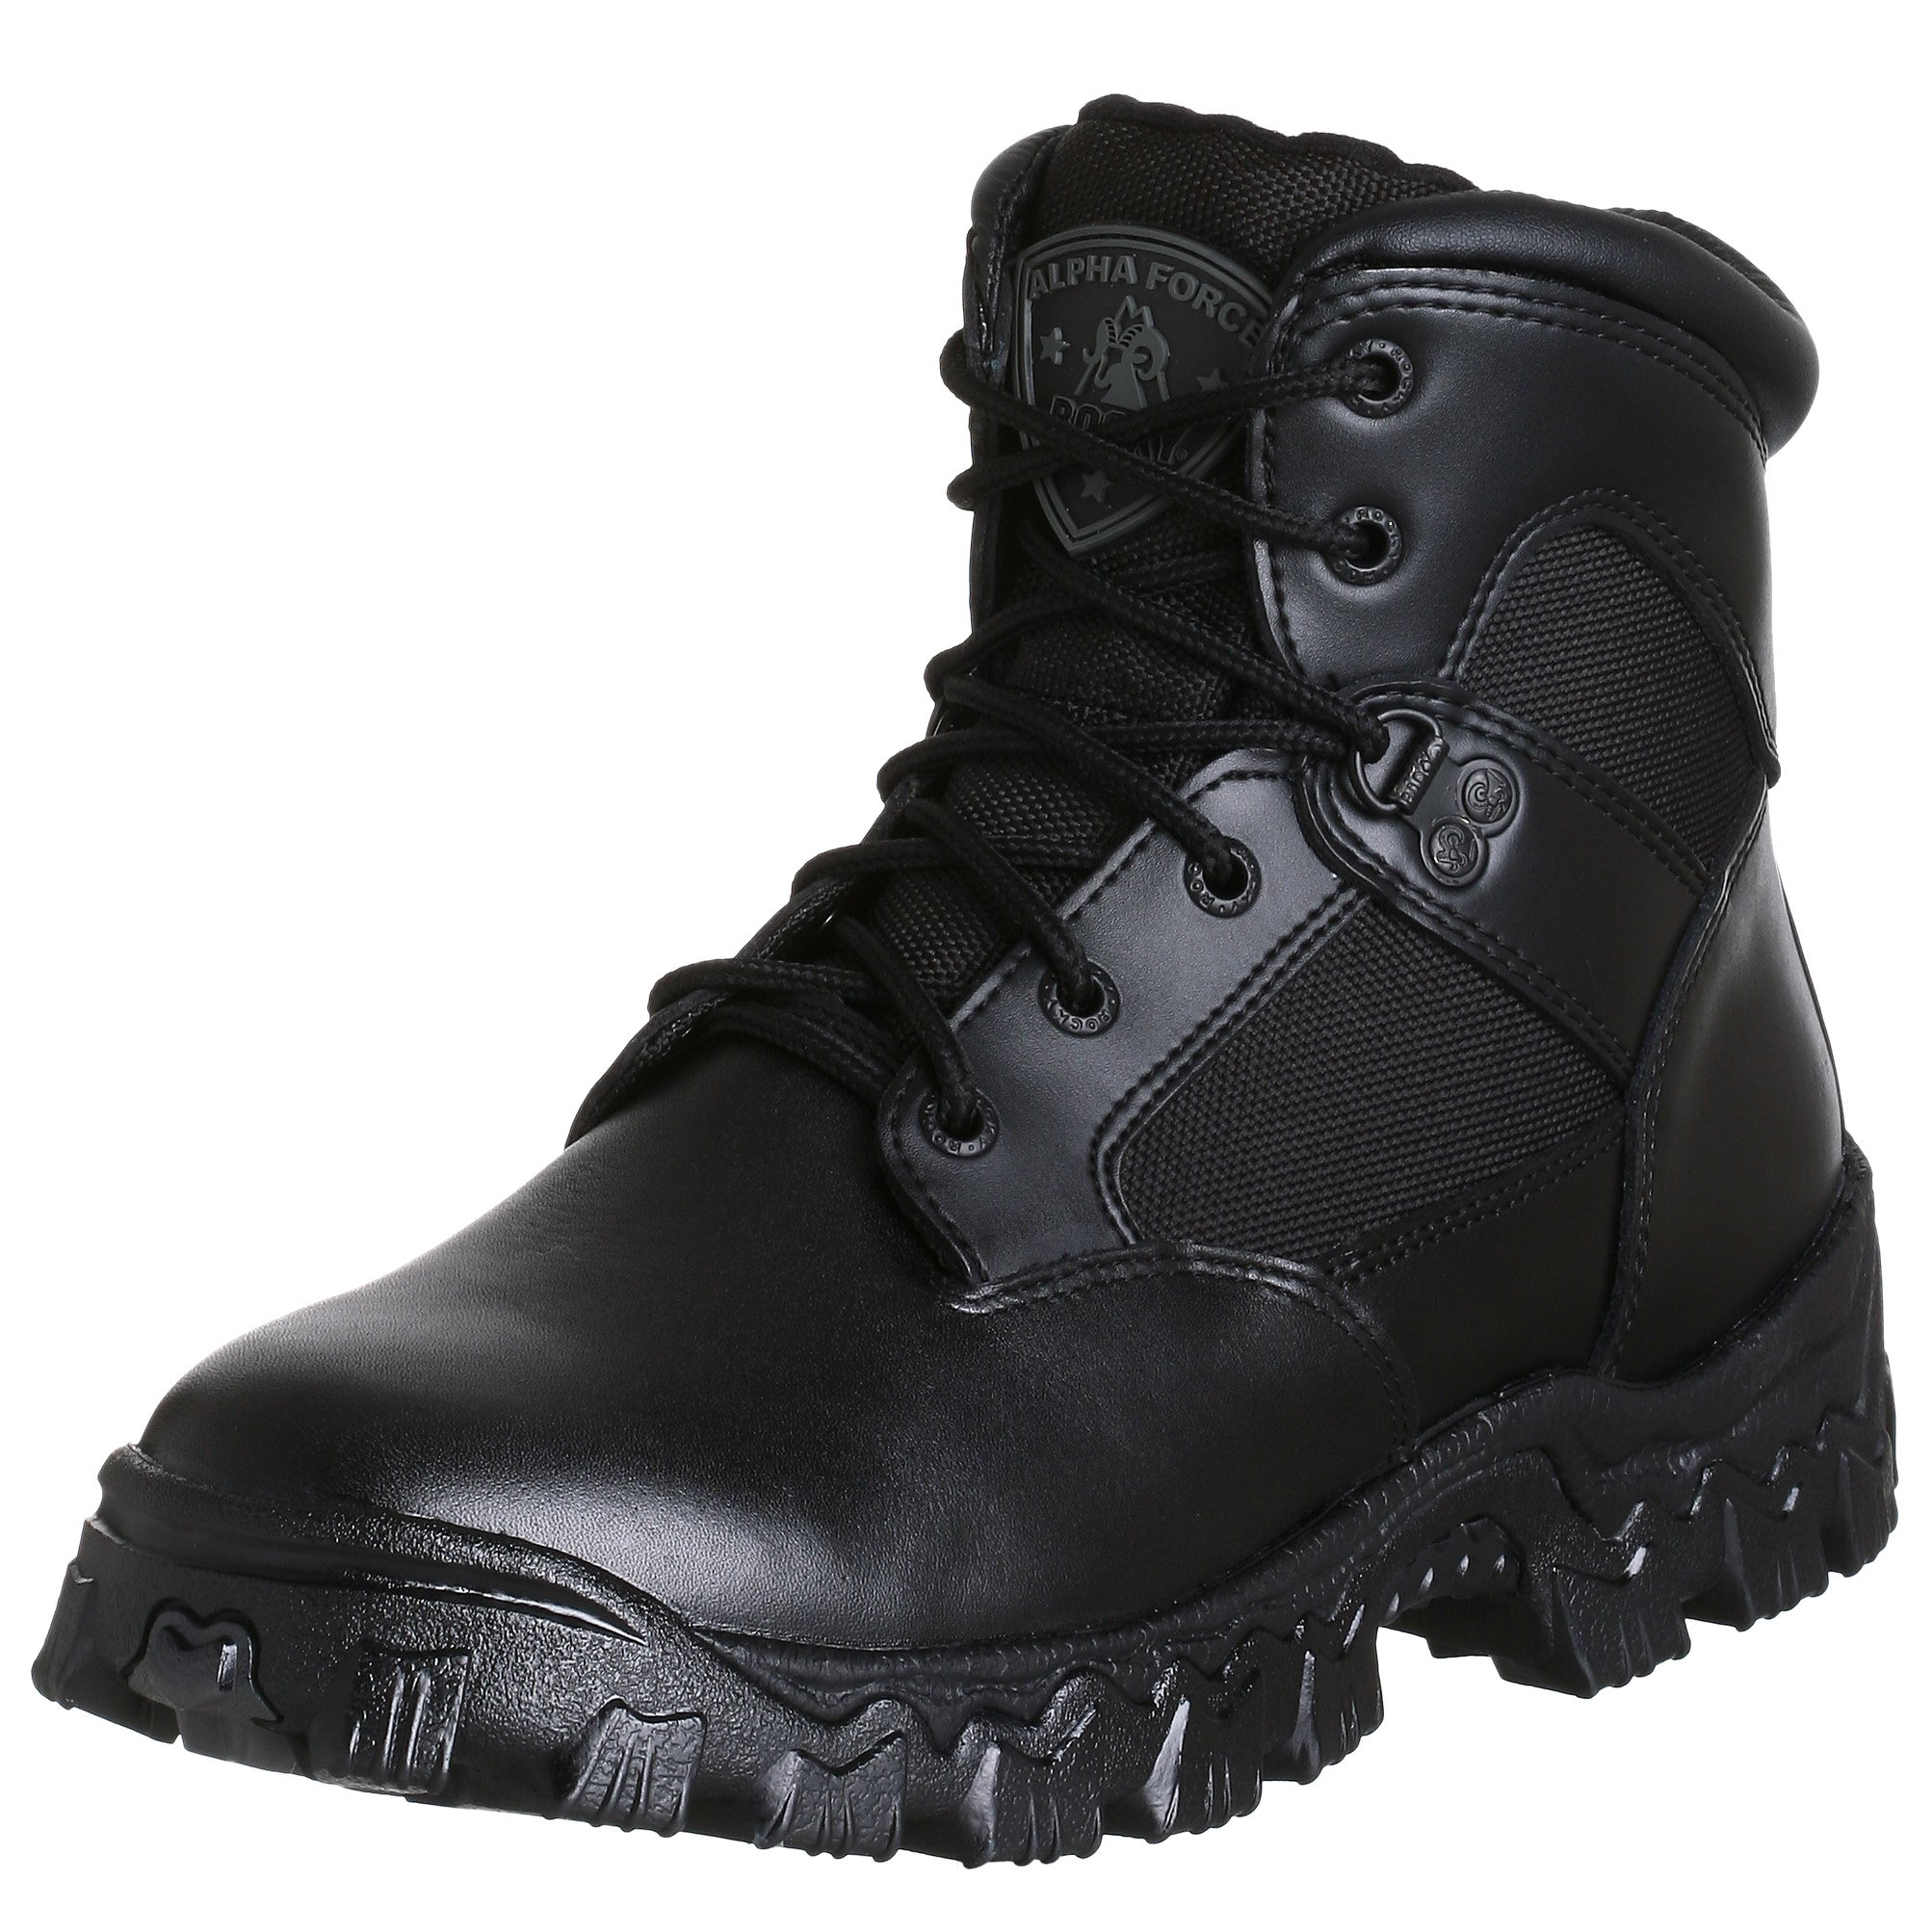 Rocky Duty Men's Alpha Force 6'' Swat Boot,Black,12 W